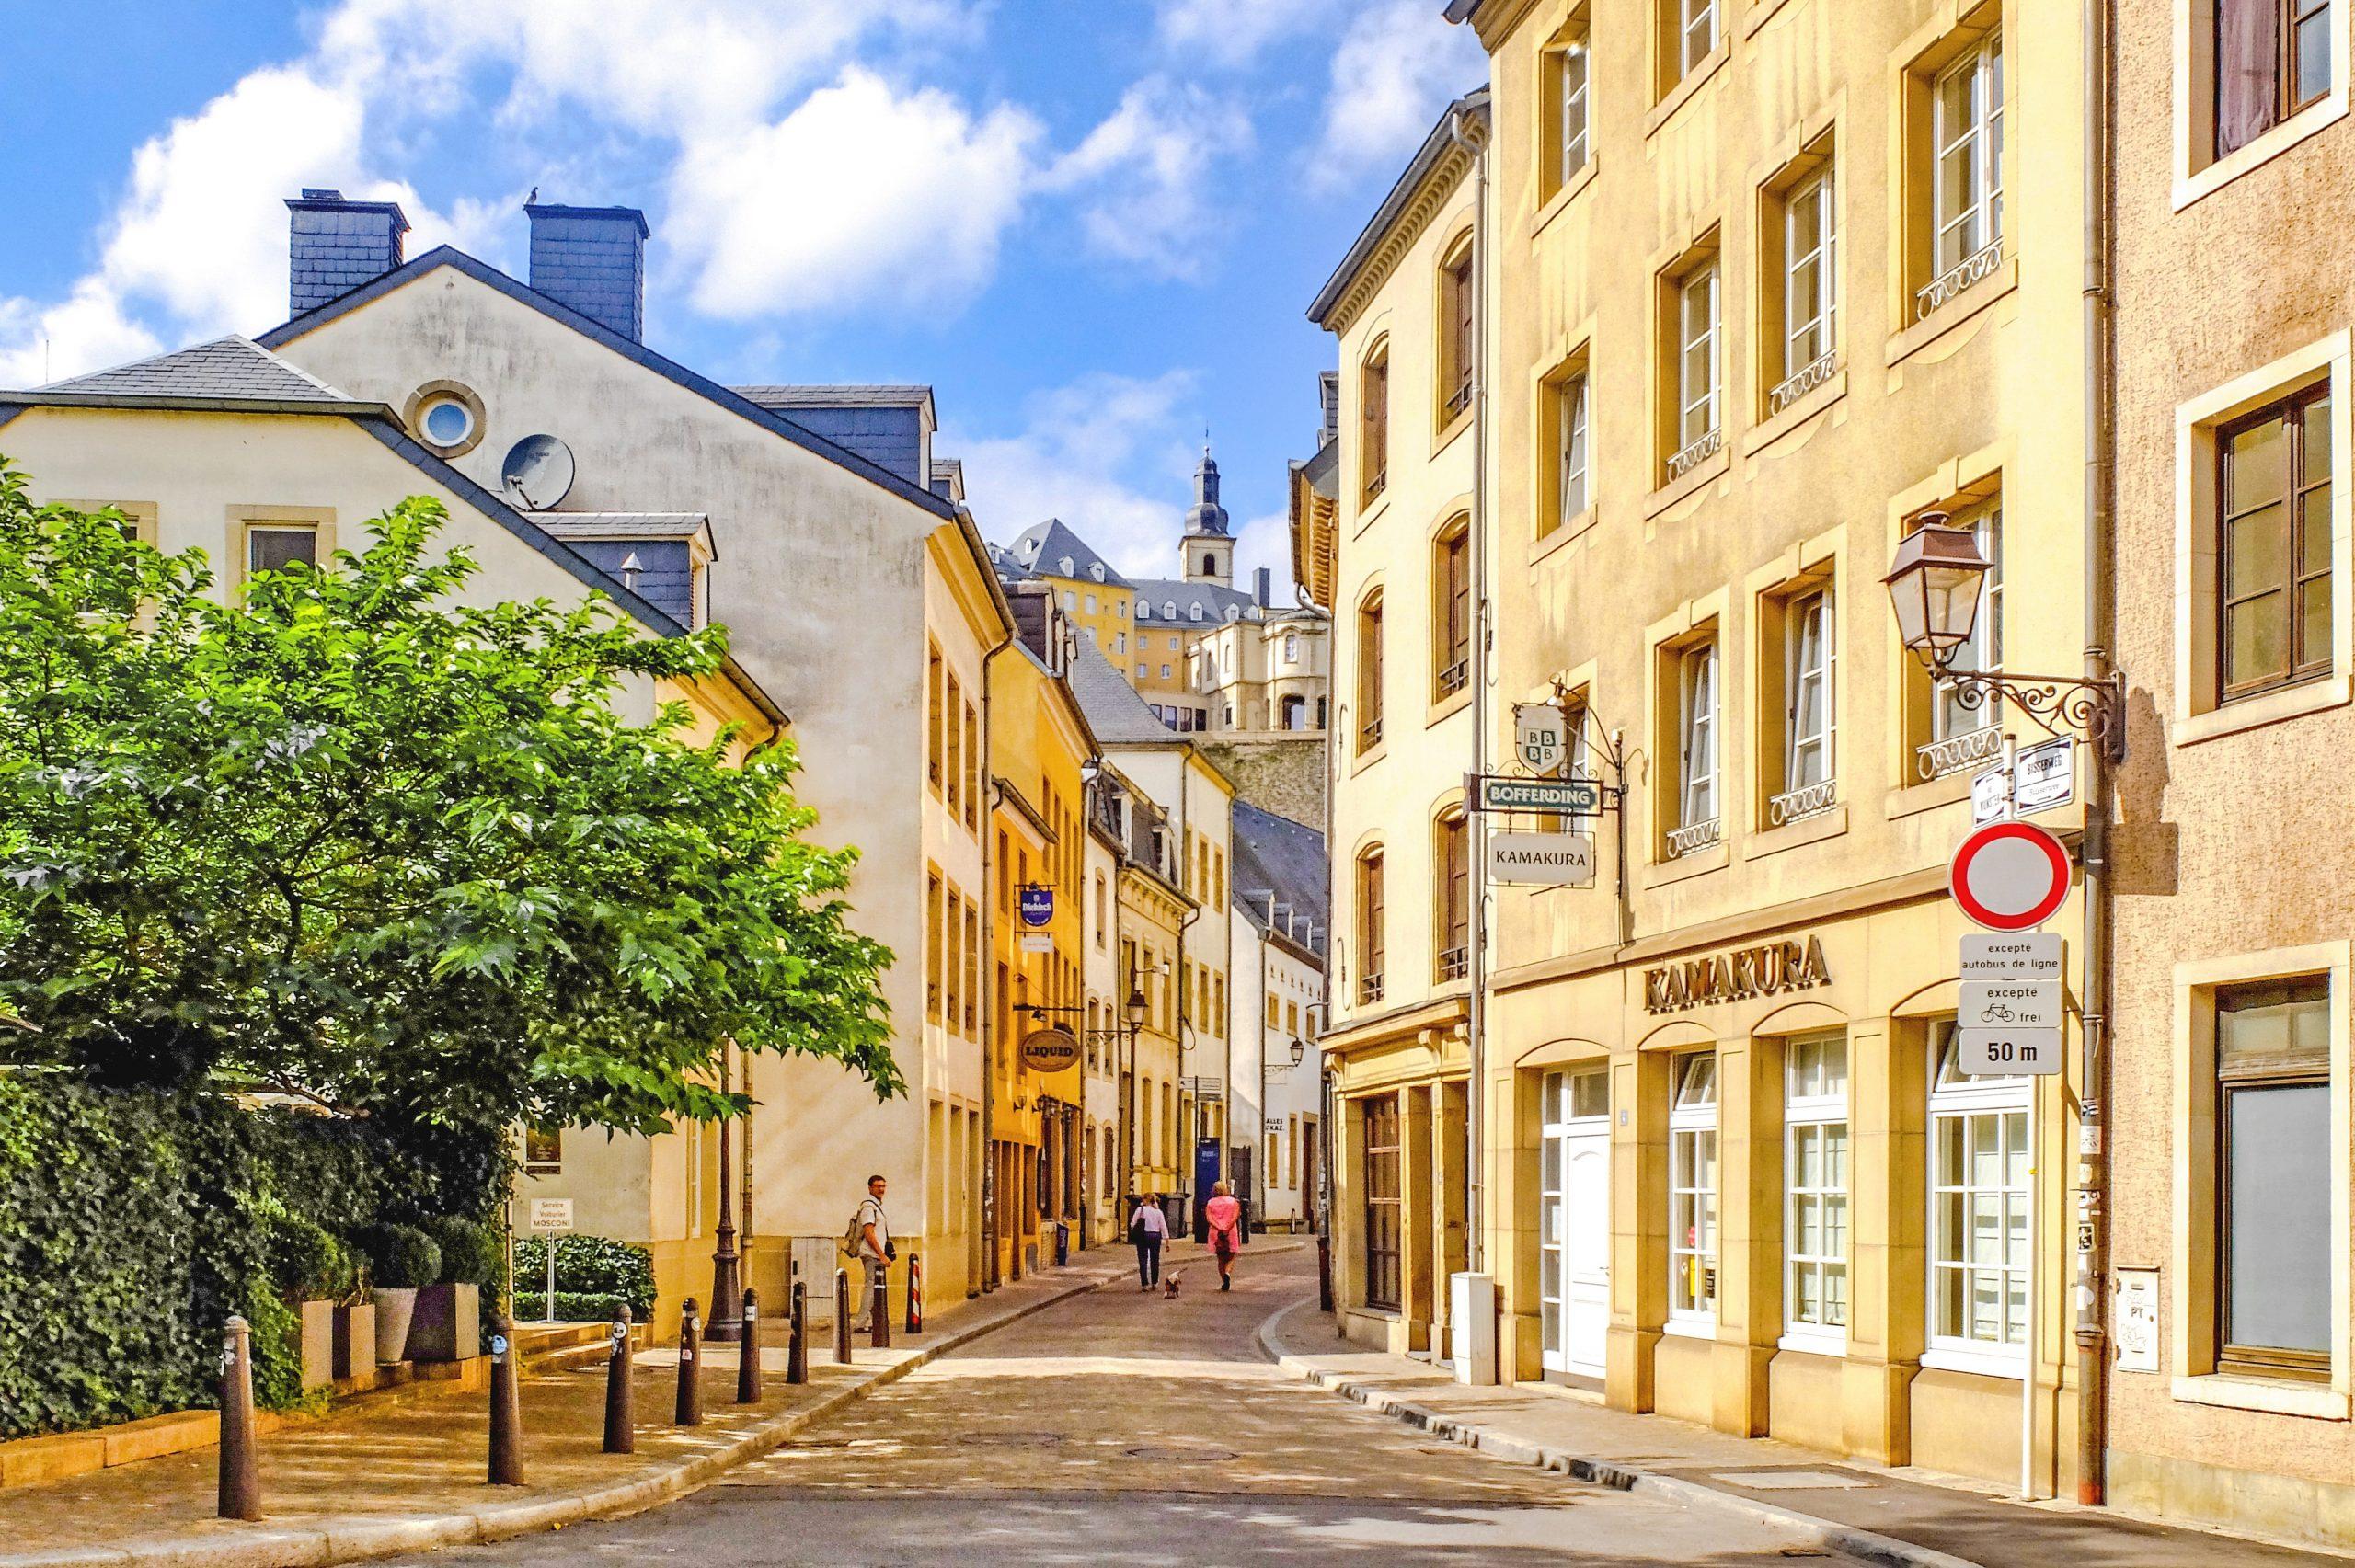 grund sokak scaled - Lüksemburg Kısa Kısa Stajyer ve Beyaz Yakalılara